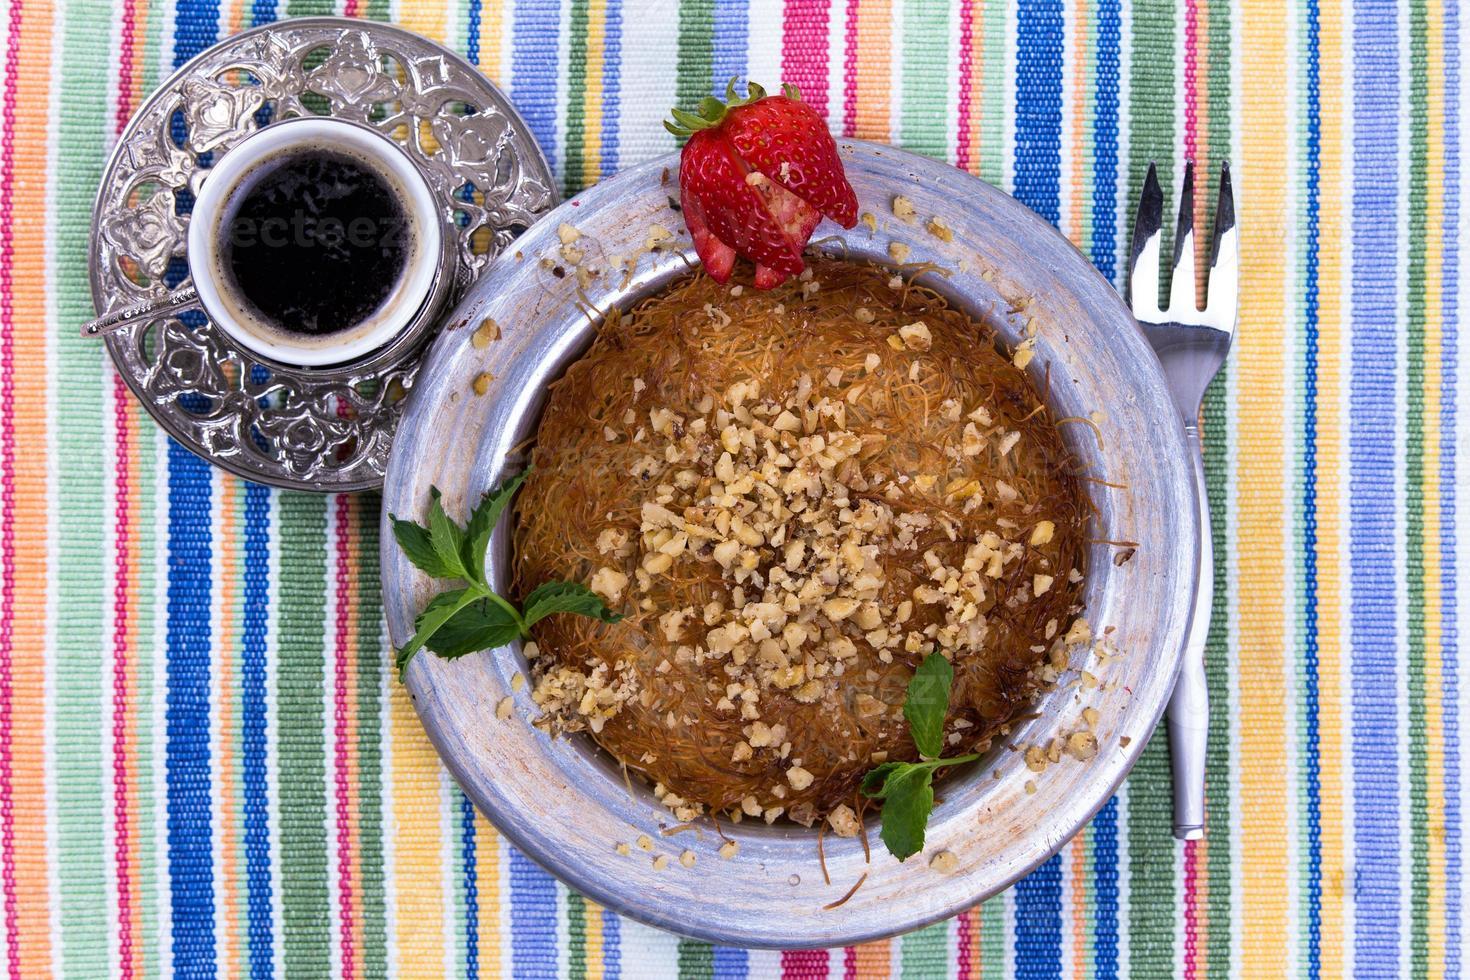 sobremesa kunefe com café turco foto